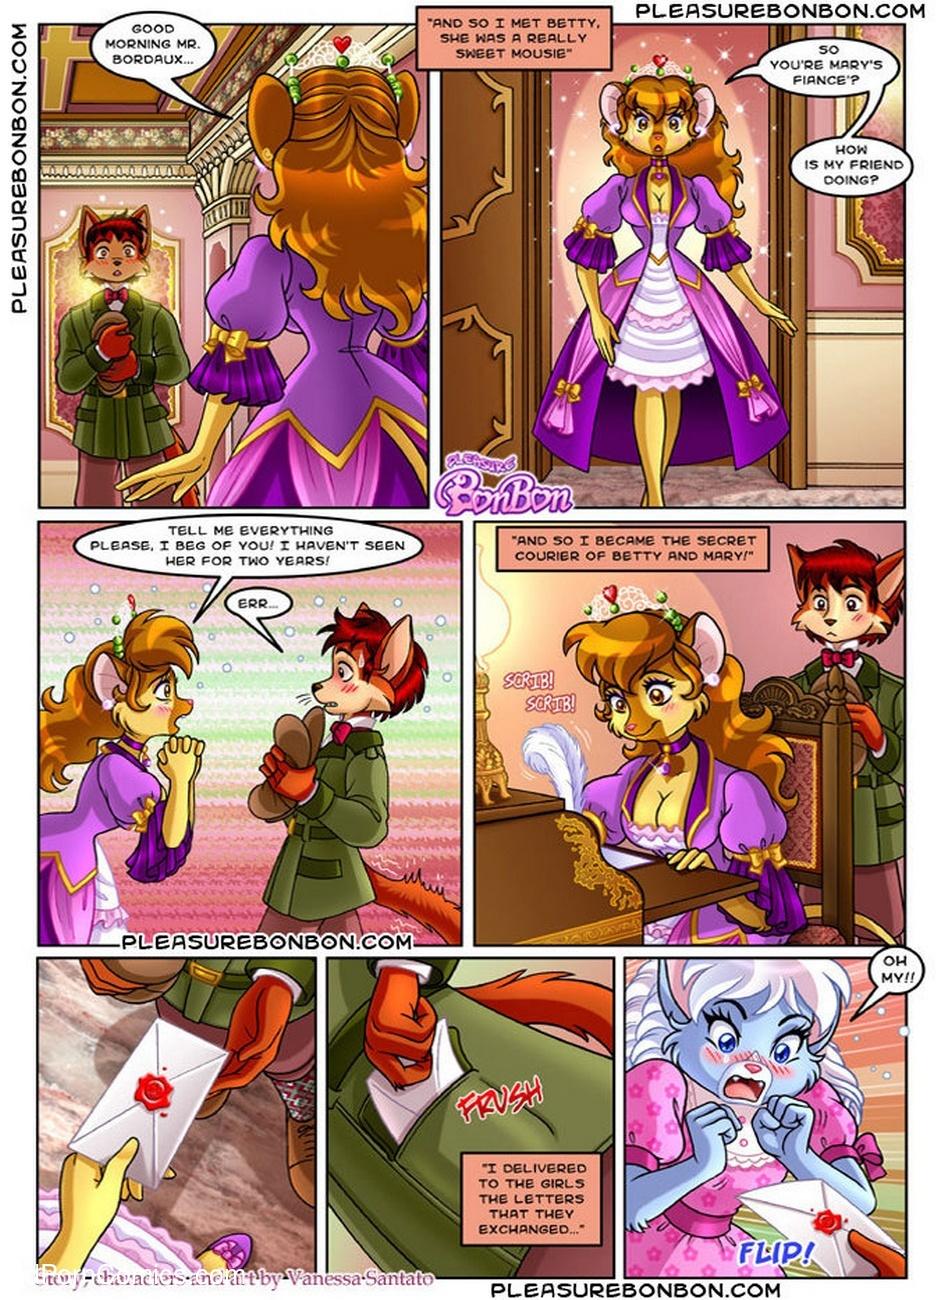 Pleasure Bon Bon 6 - The Triangle 6 free sex comic